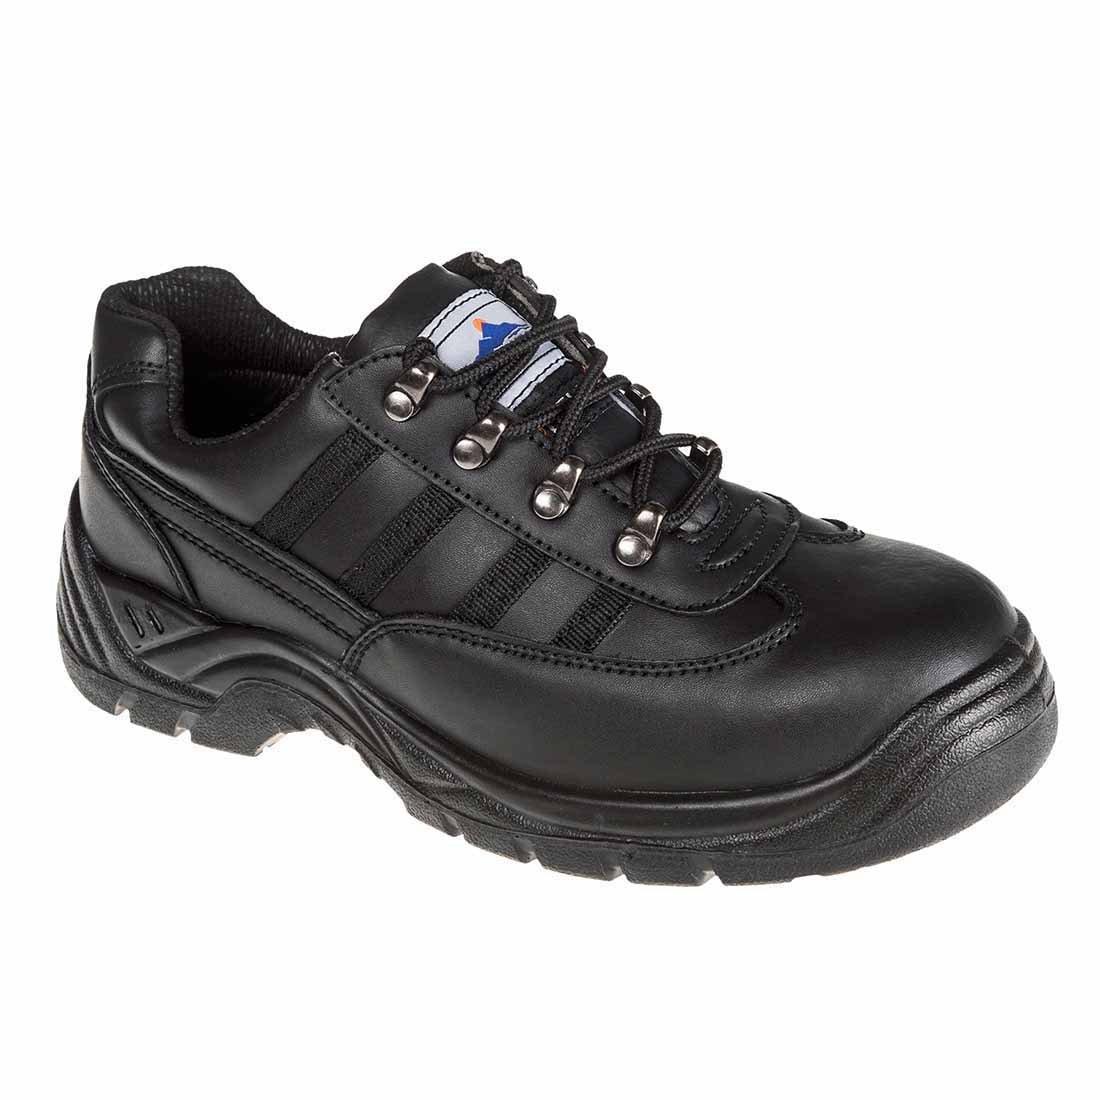 Portwest de FW15 – Chaussures noir de sécurité 37/4 S1, sécurité 39, noir noir b2b3163 - boatplans.space